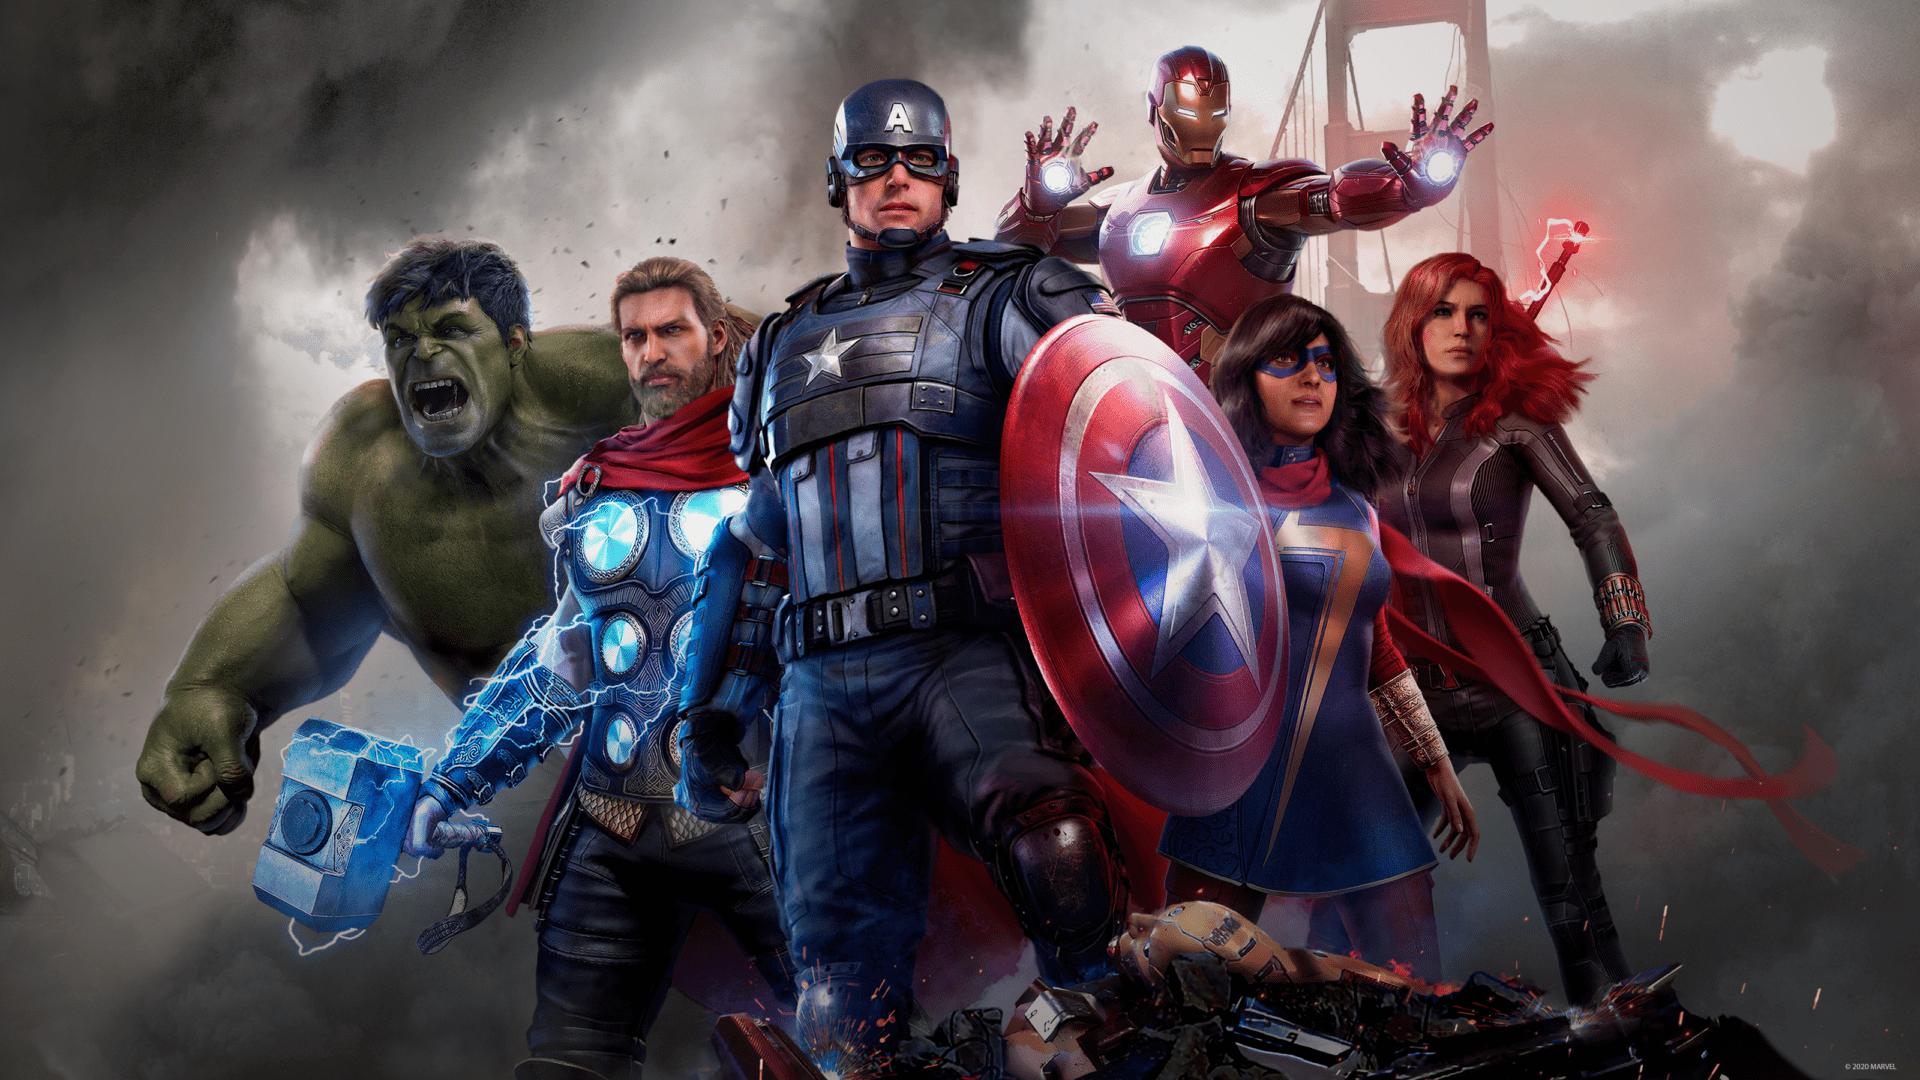 marvel's avengers, photo mode